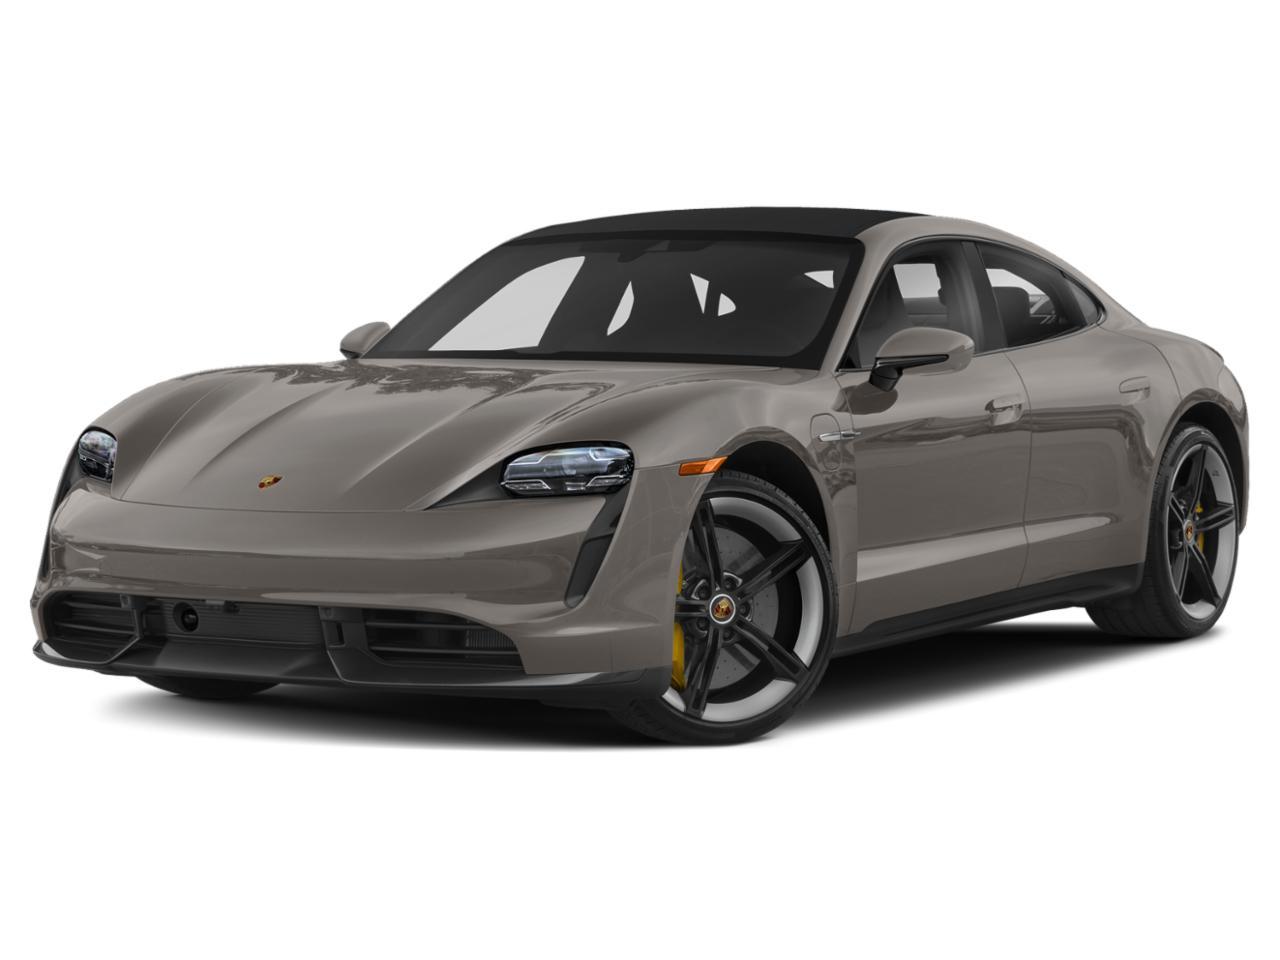 2021 Porsche Taycan Vehicle Photo in Appleton, WI 54913